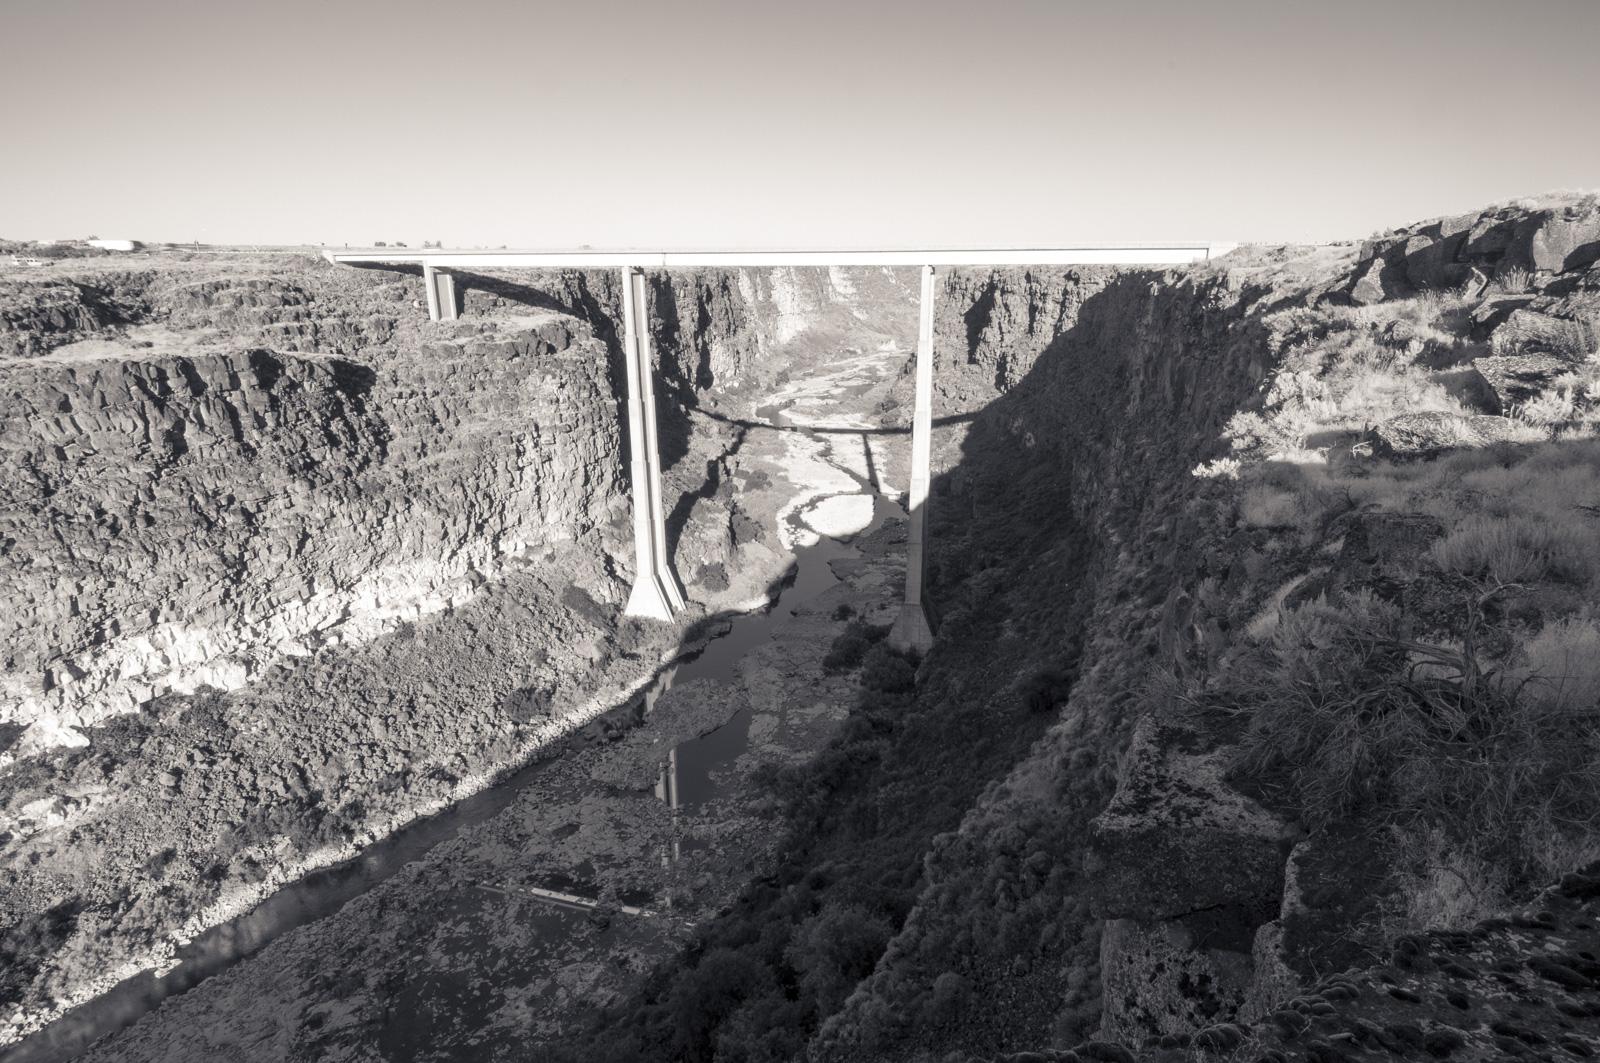 Hansen Bridge, Idaho 2016